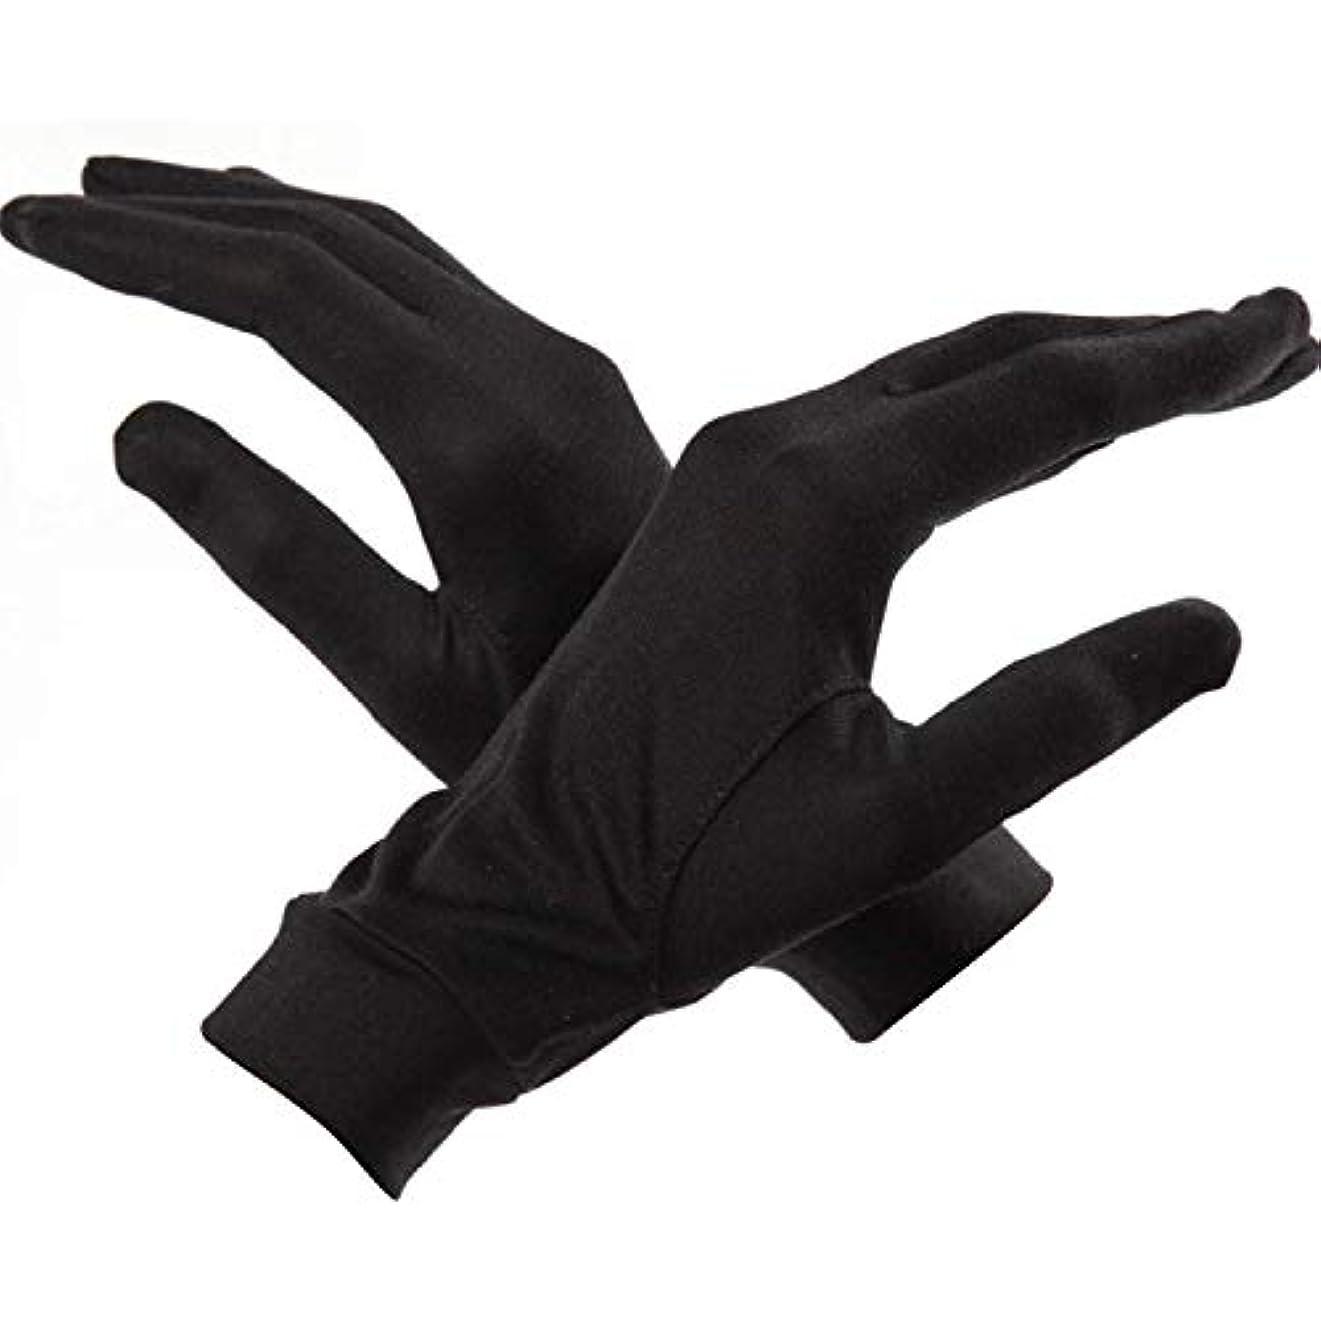 本能待つ騙す7双組手袋 保湿ケア UVカット ハンドケア シルク シルク手袋